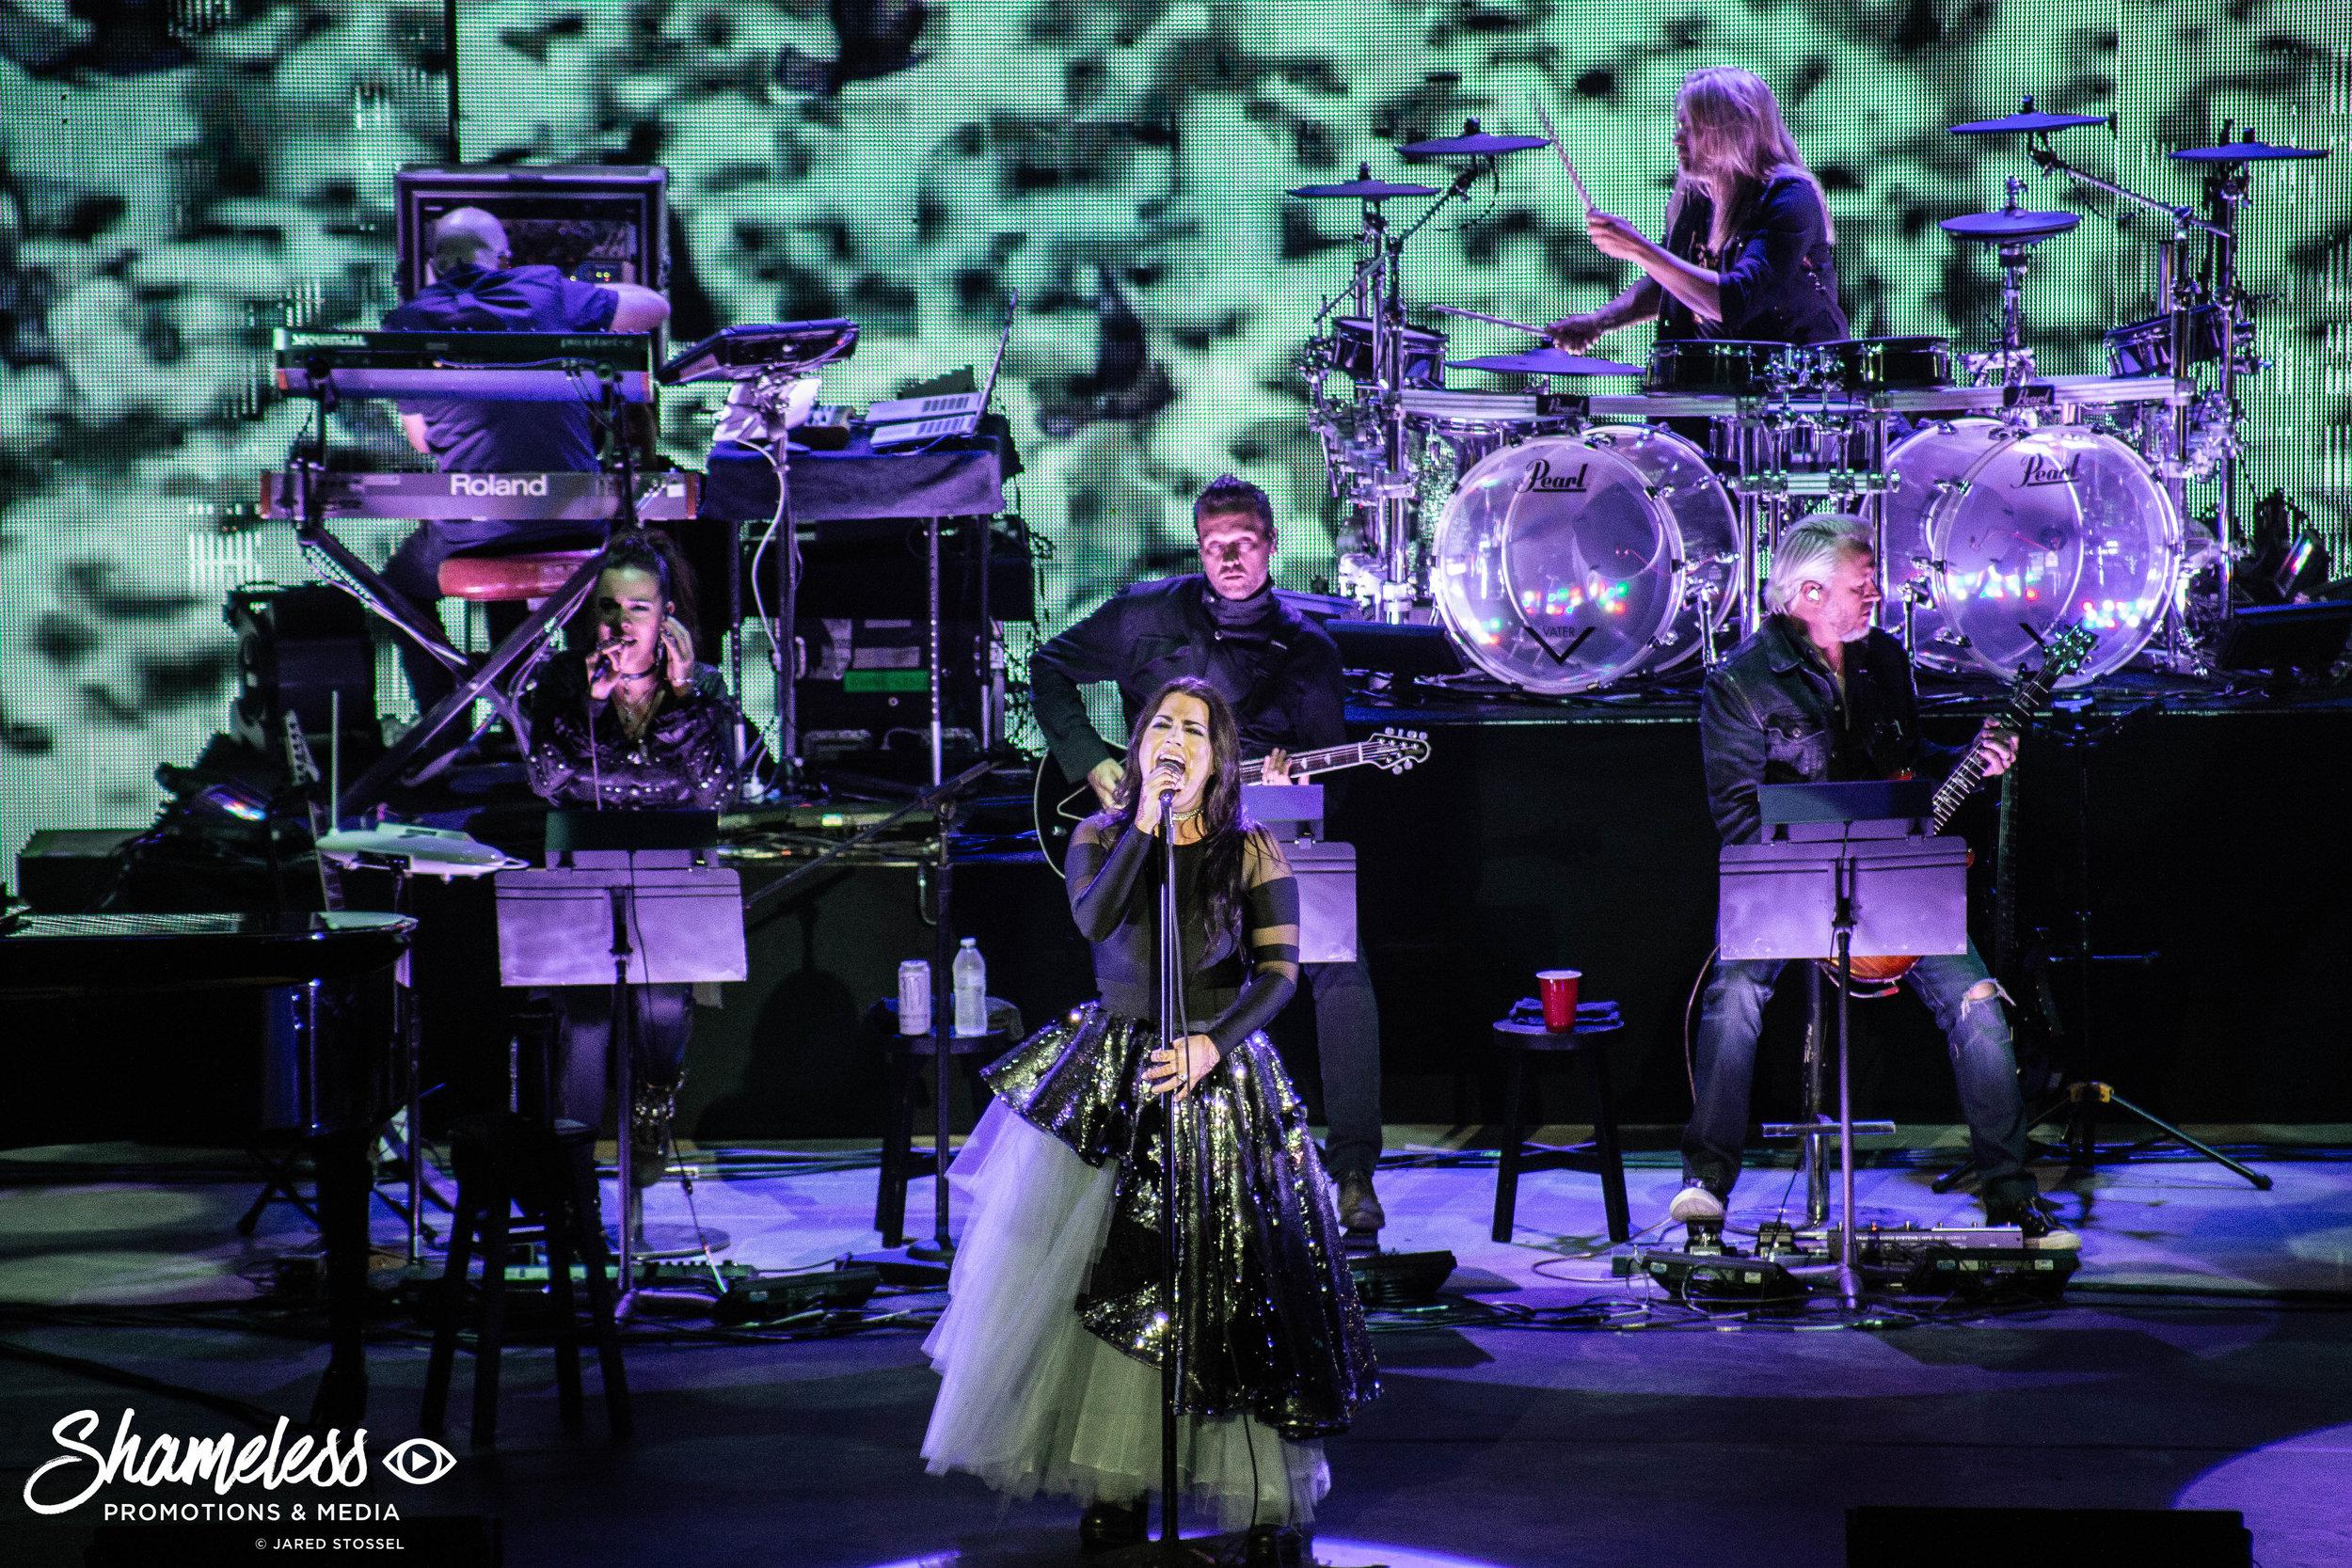 Evanescence & Lindsey Stirling @ Shoreline Amphitheatre: September 2018